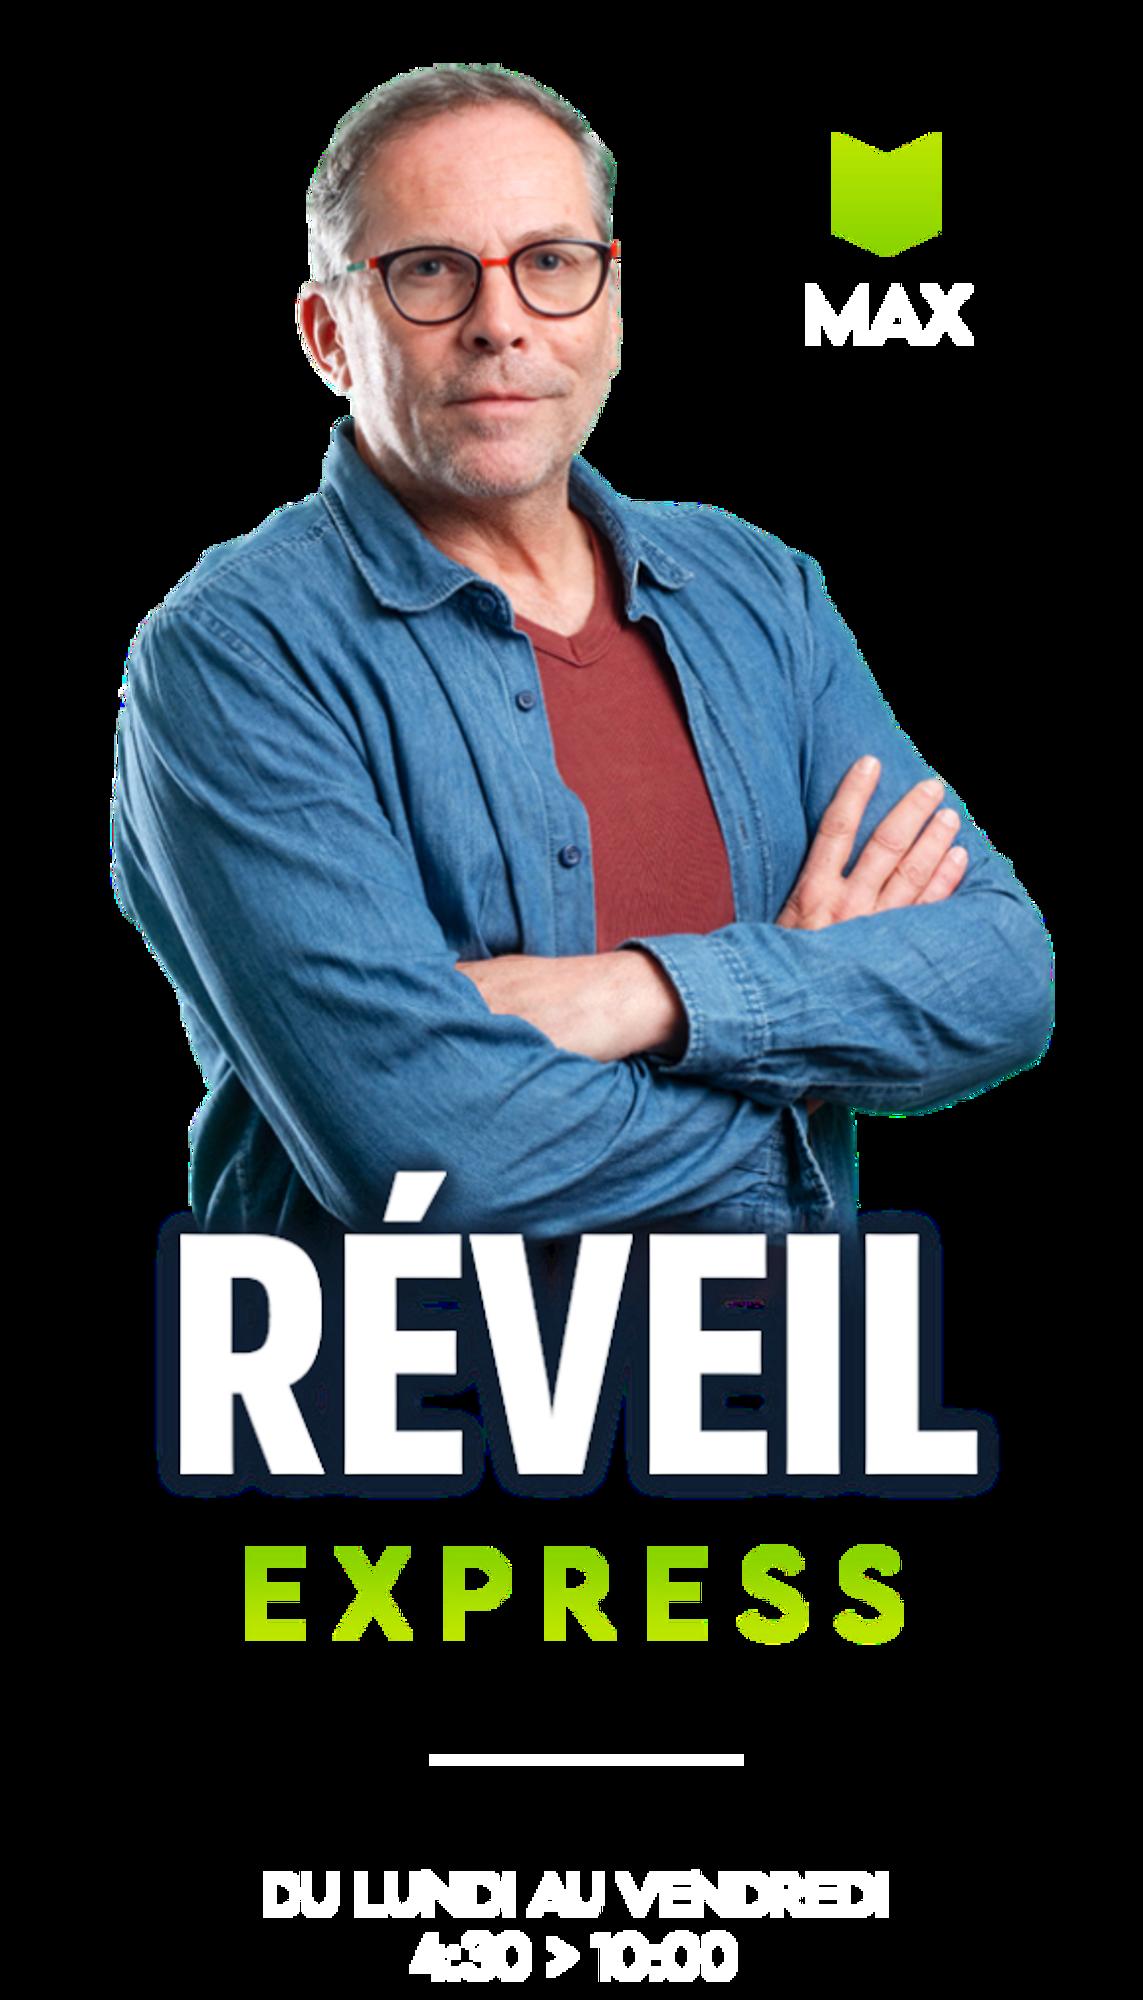 Réveil Express Max